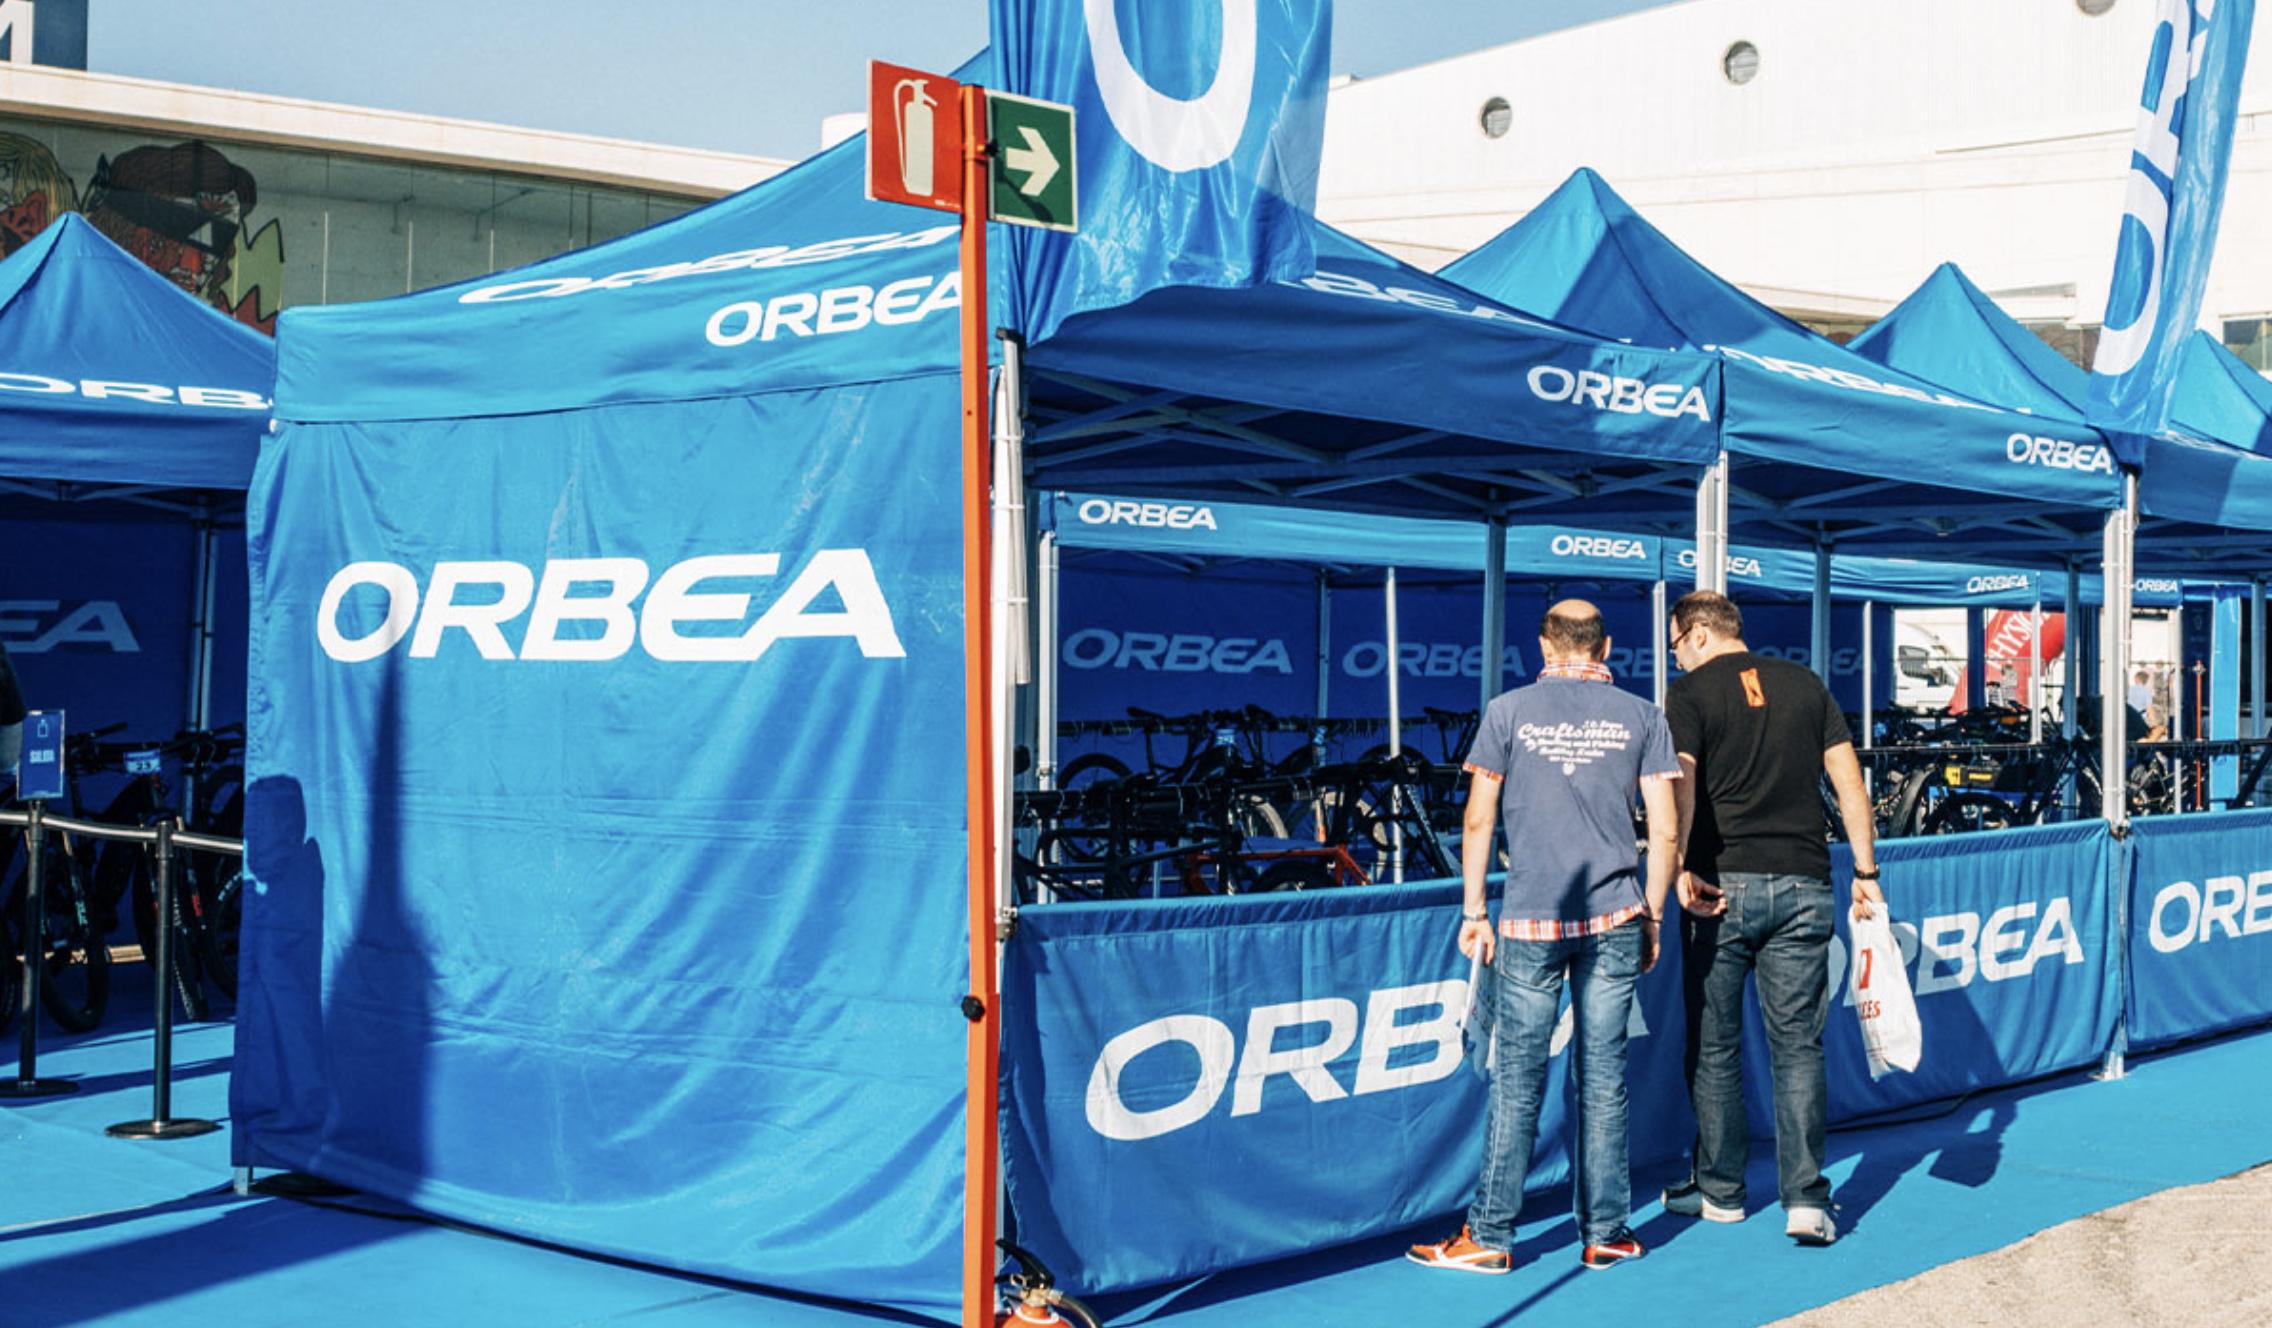 Orbea organiza 4 eventos para probar sus bicicletas